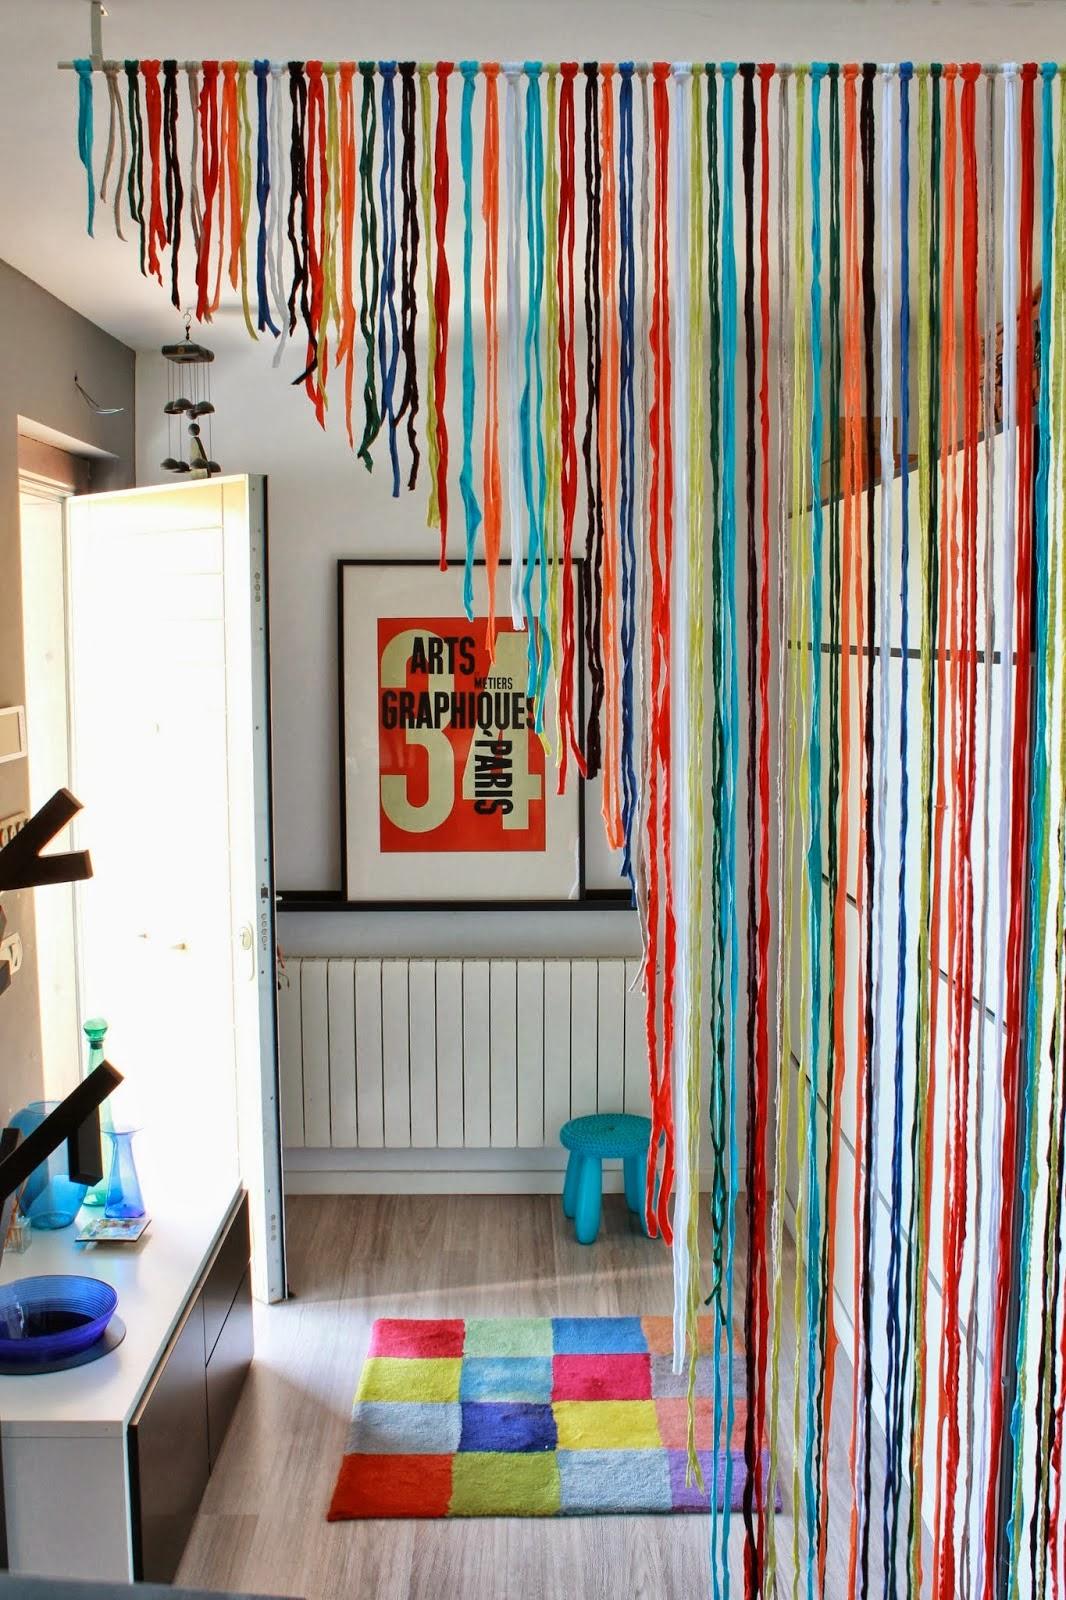 Декор для дома своими руками: 10 суперидей